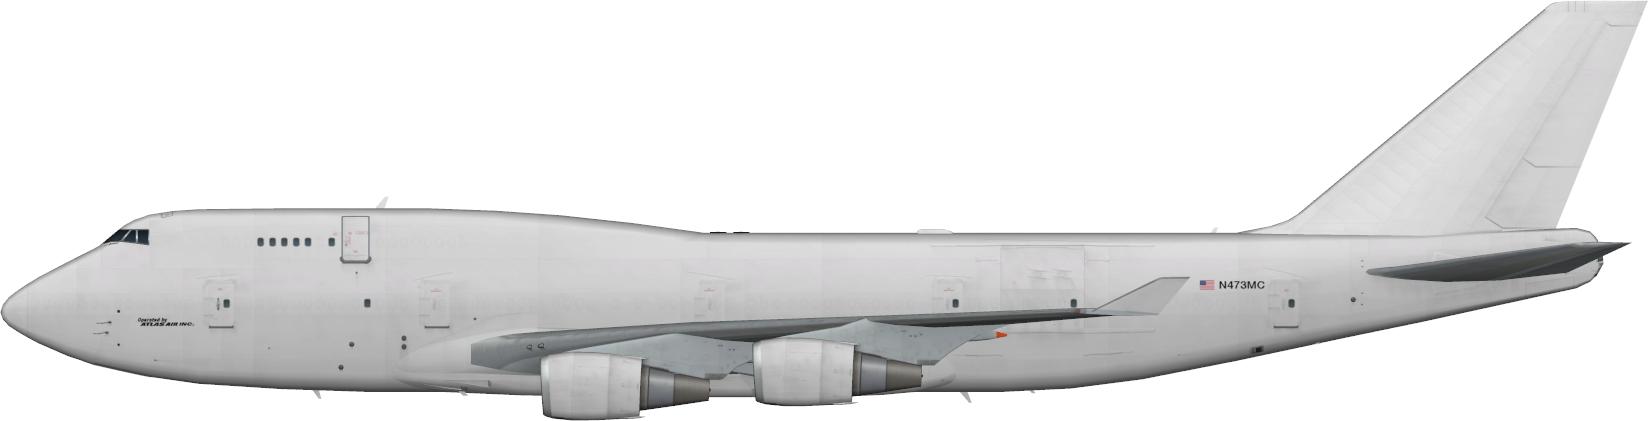 GTI N473MC